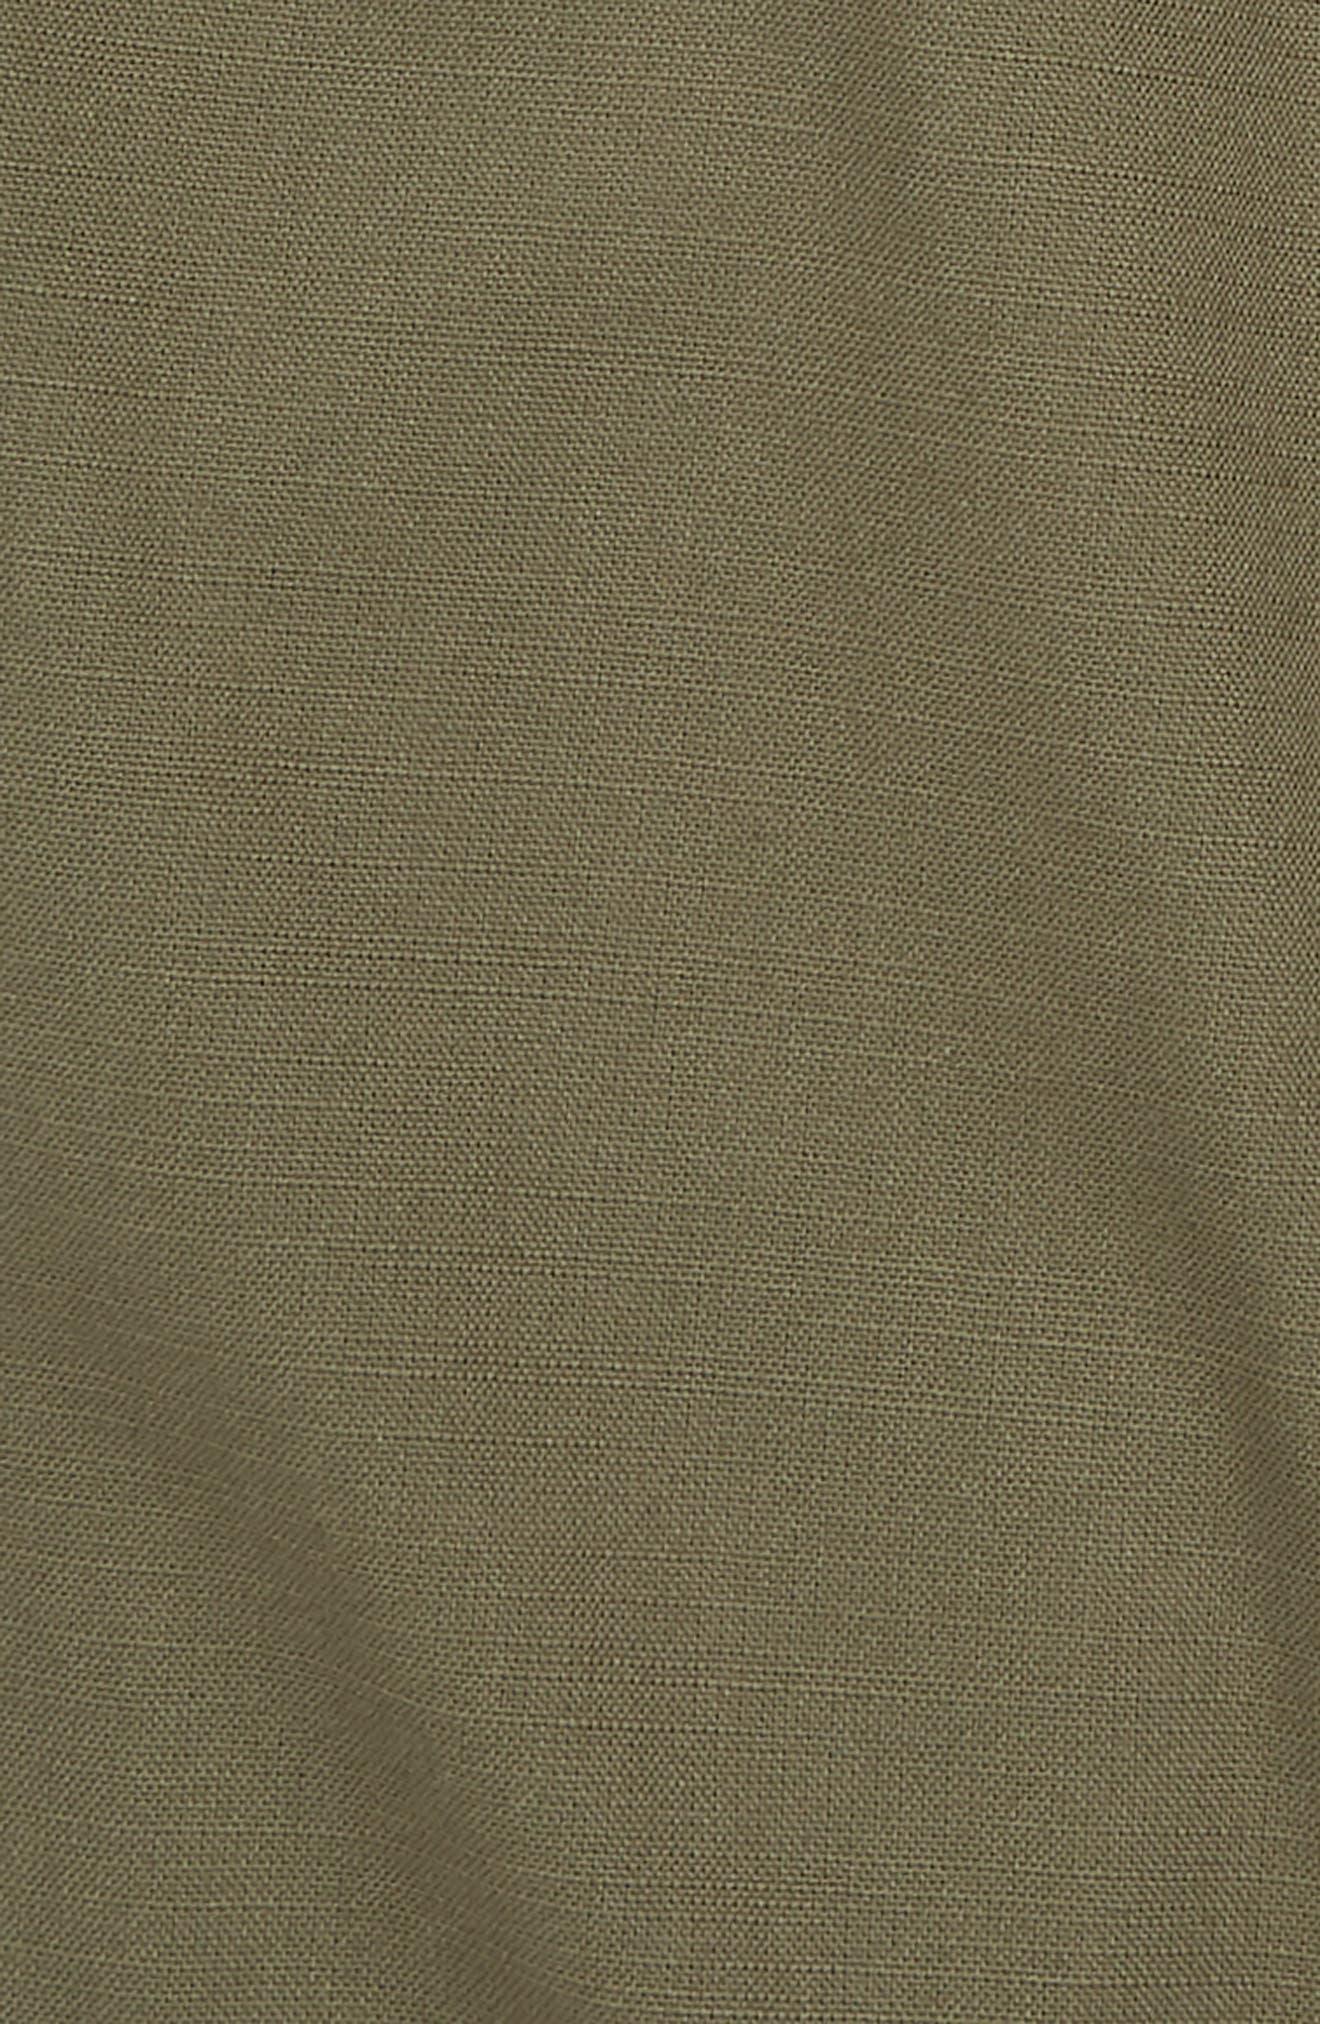 MINI BODEN,                             Colorblock Shorts,                             Alternate thumbnail 2, color,                             304